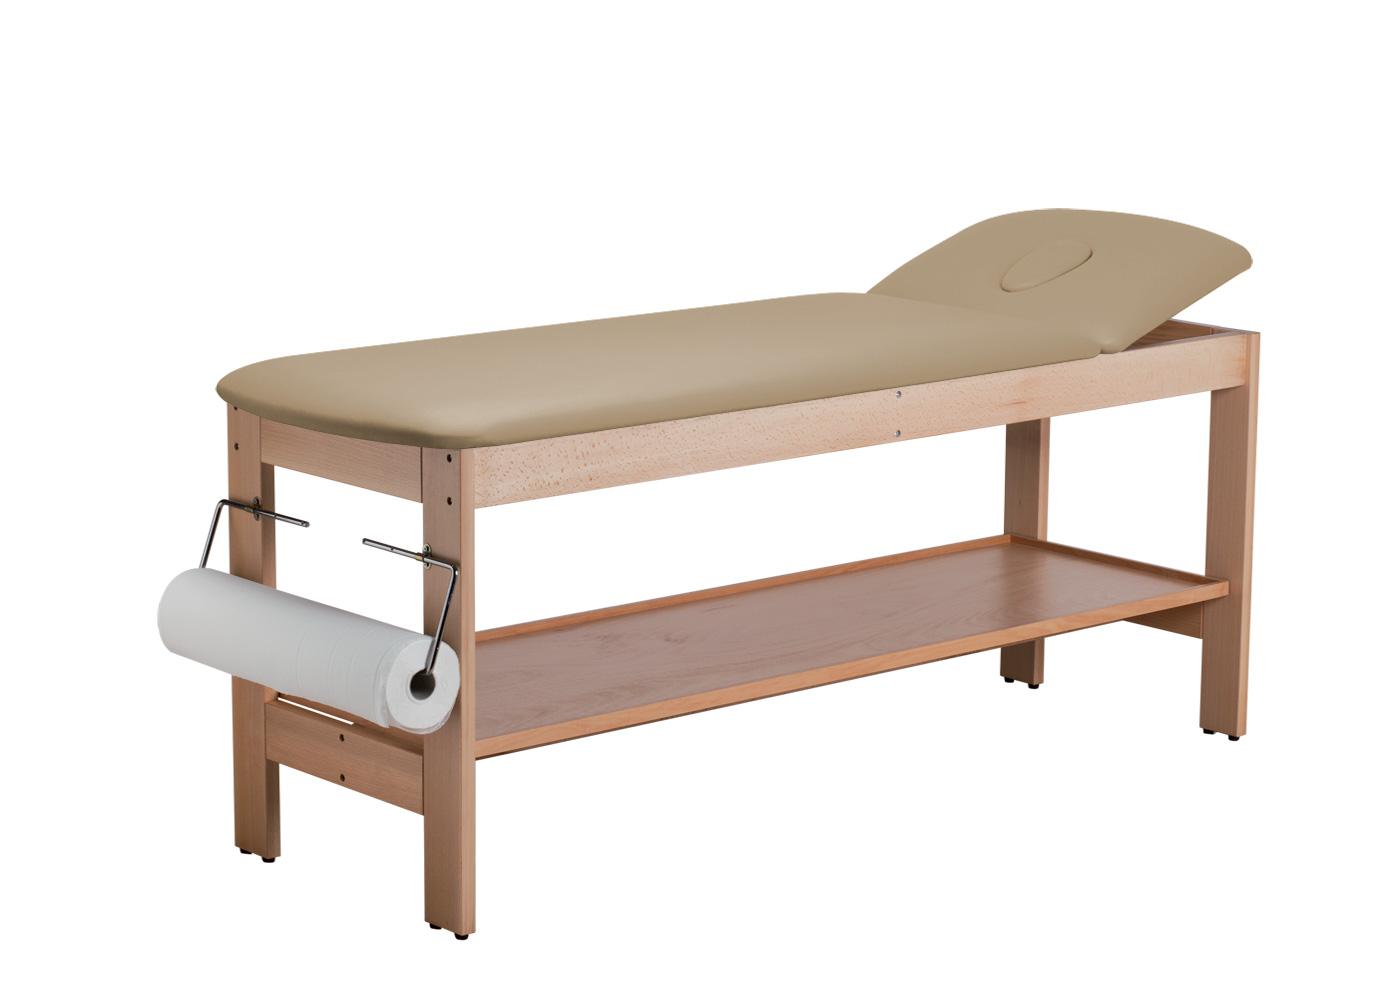 Lettini per massaggio usati da acquistare: lettino pieghevole per